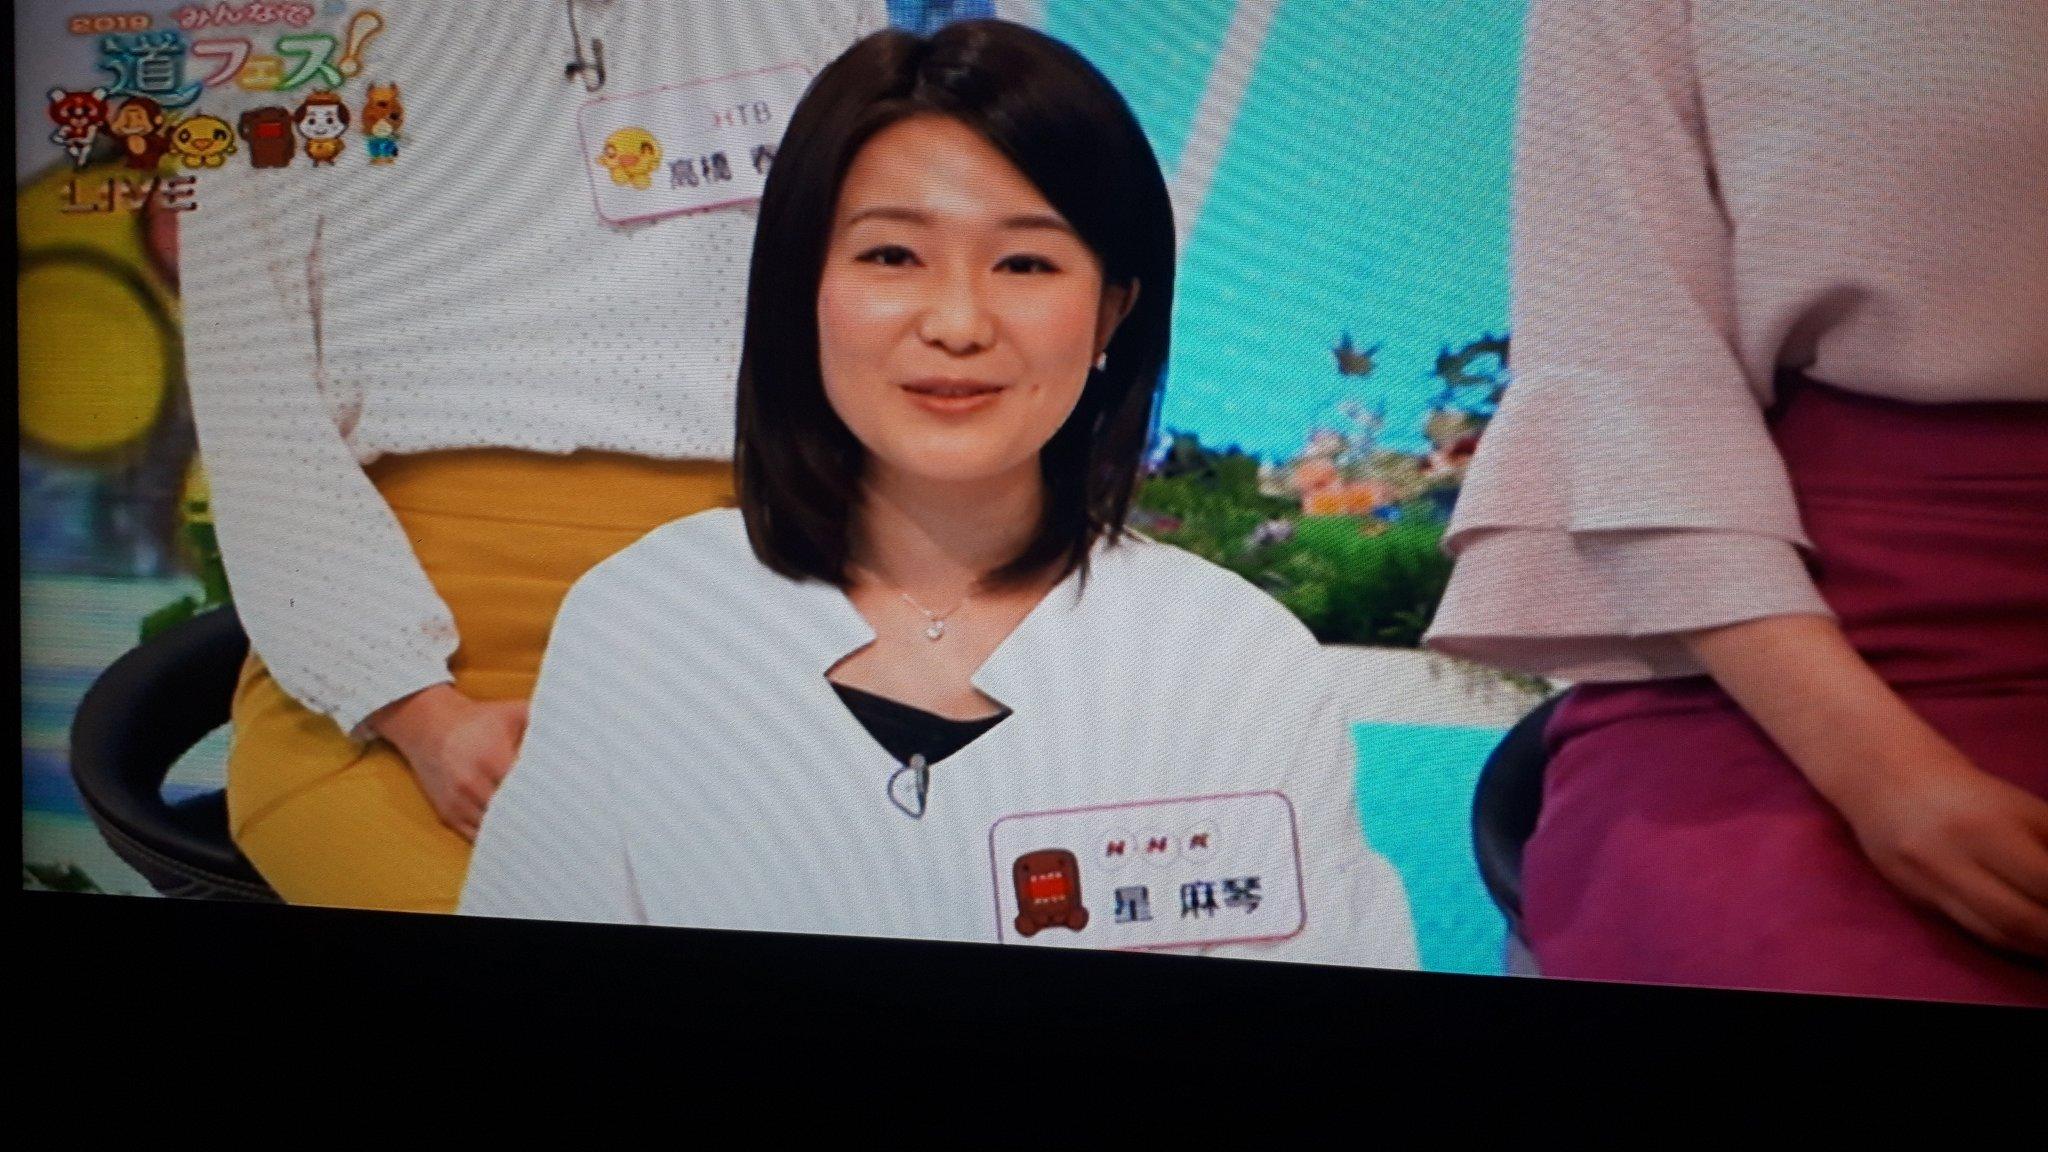 アナウンサー 星 真琴 三雲孝江の愛娘、NHK星麻琴アナ「ニュース9」起用にオタク大歓喜のワケ